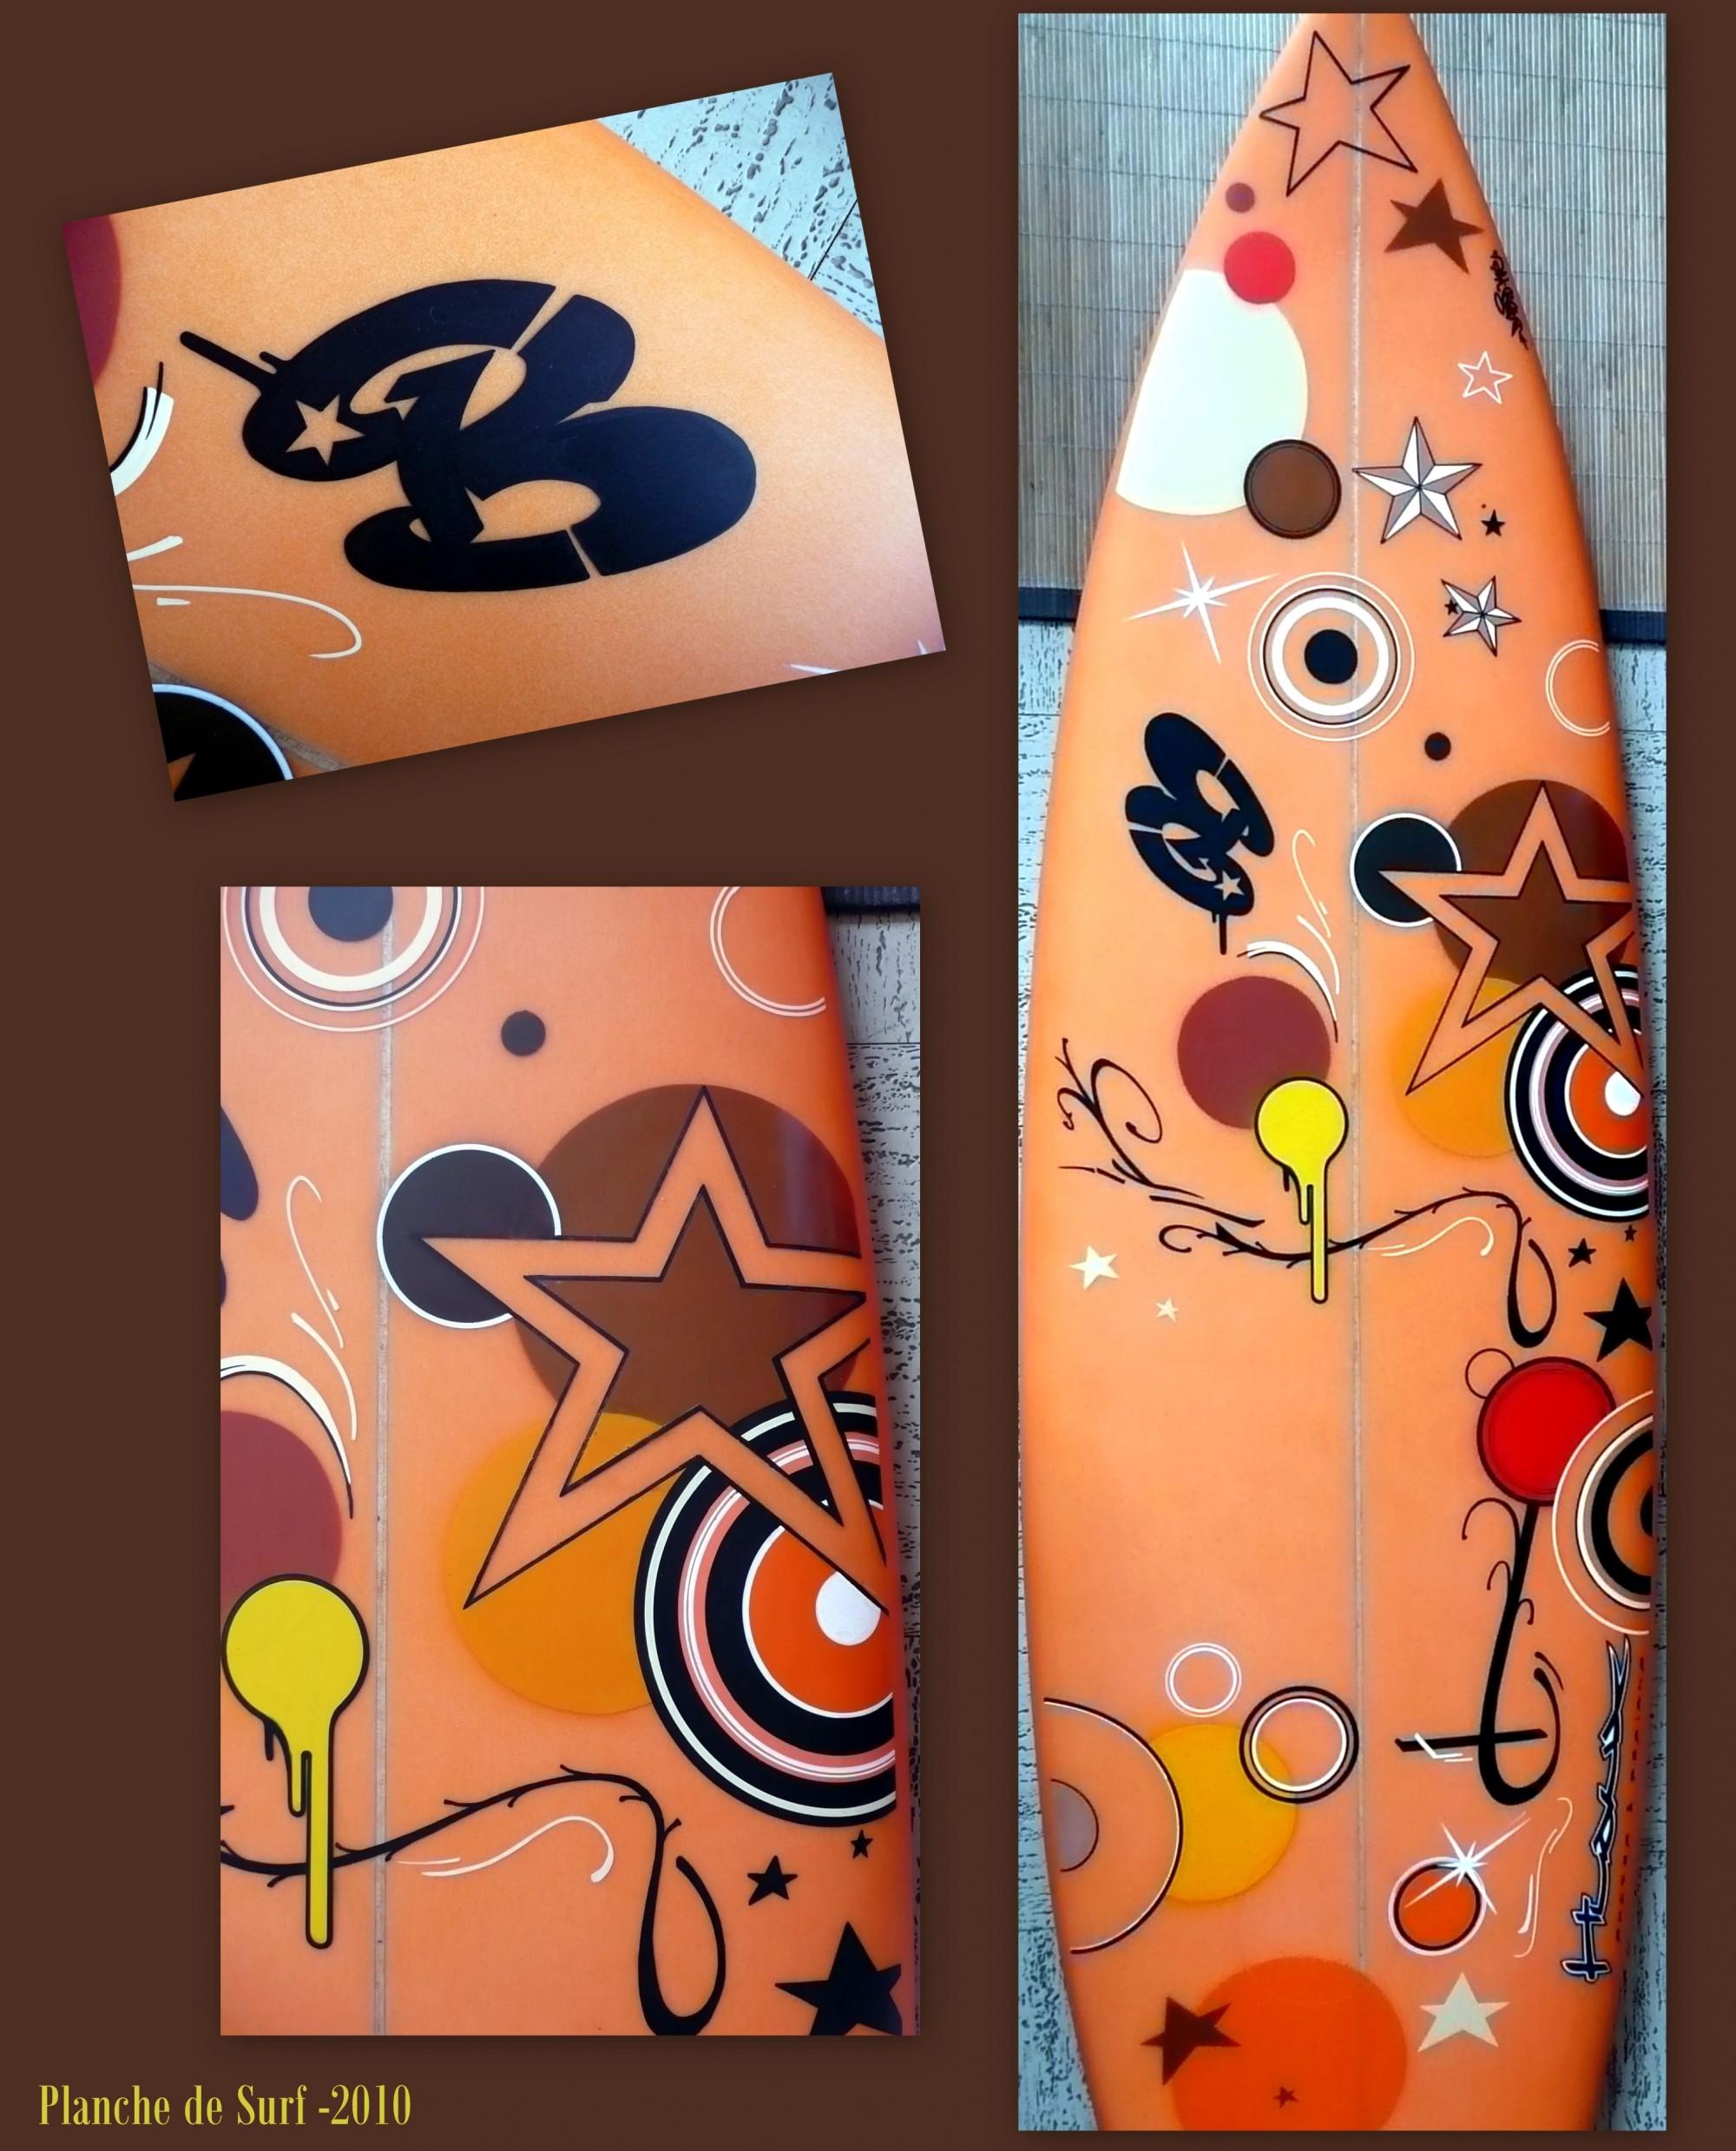 planche de surf -2010